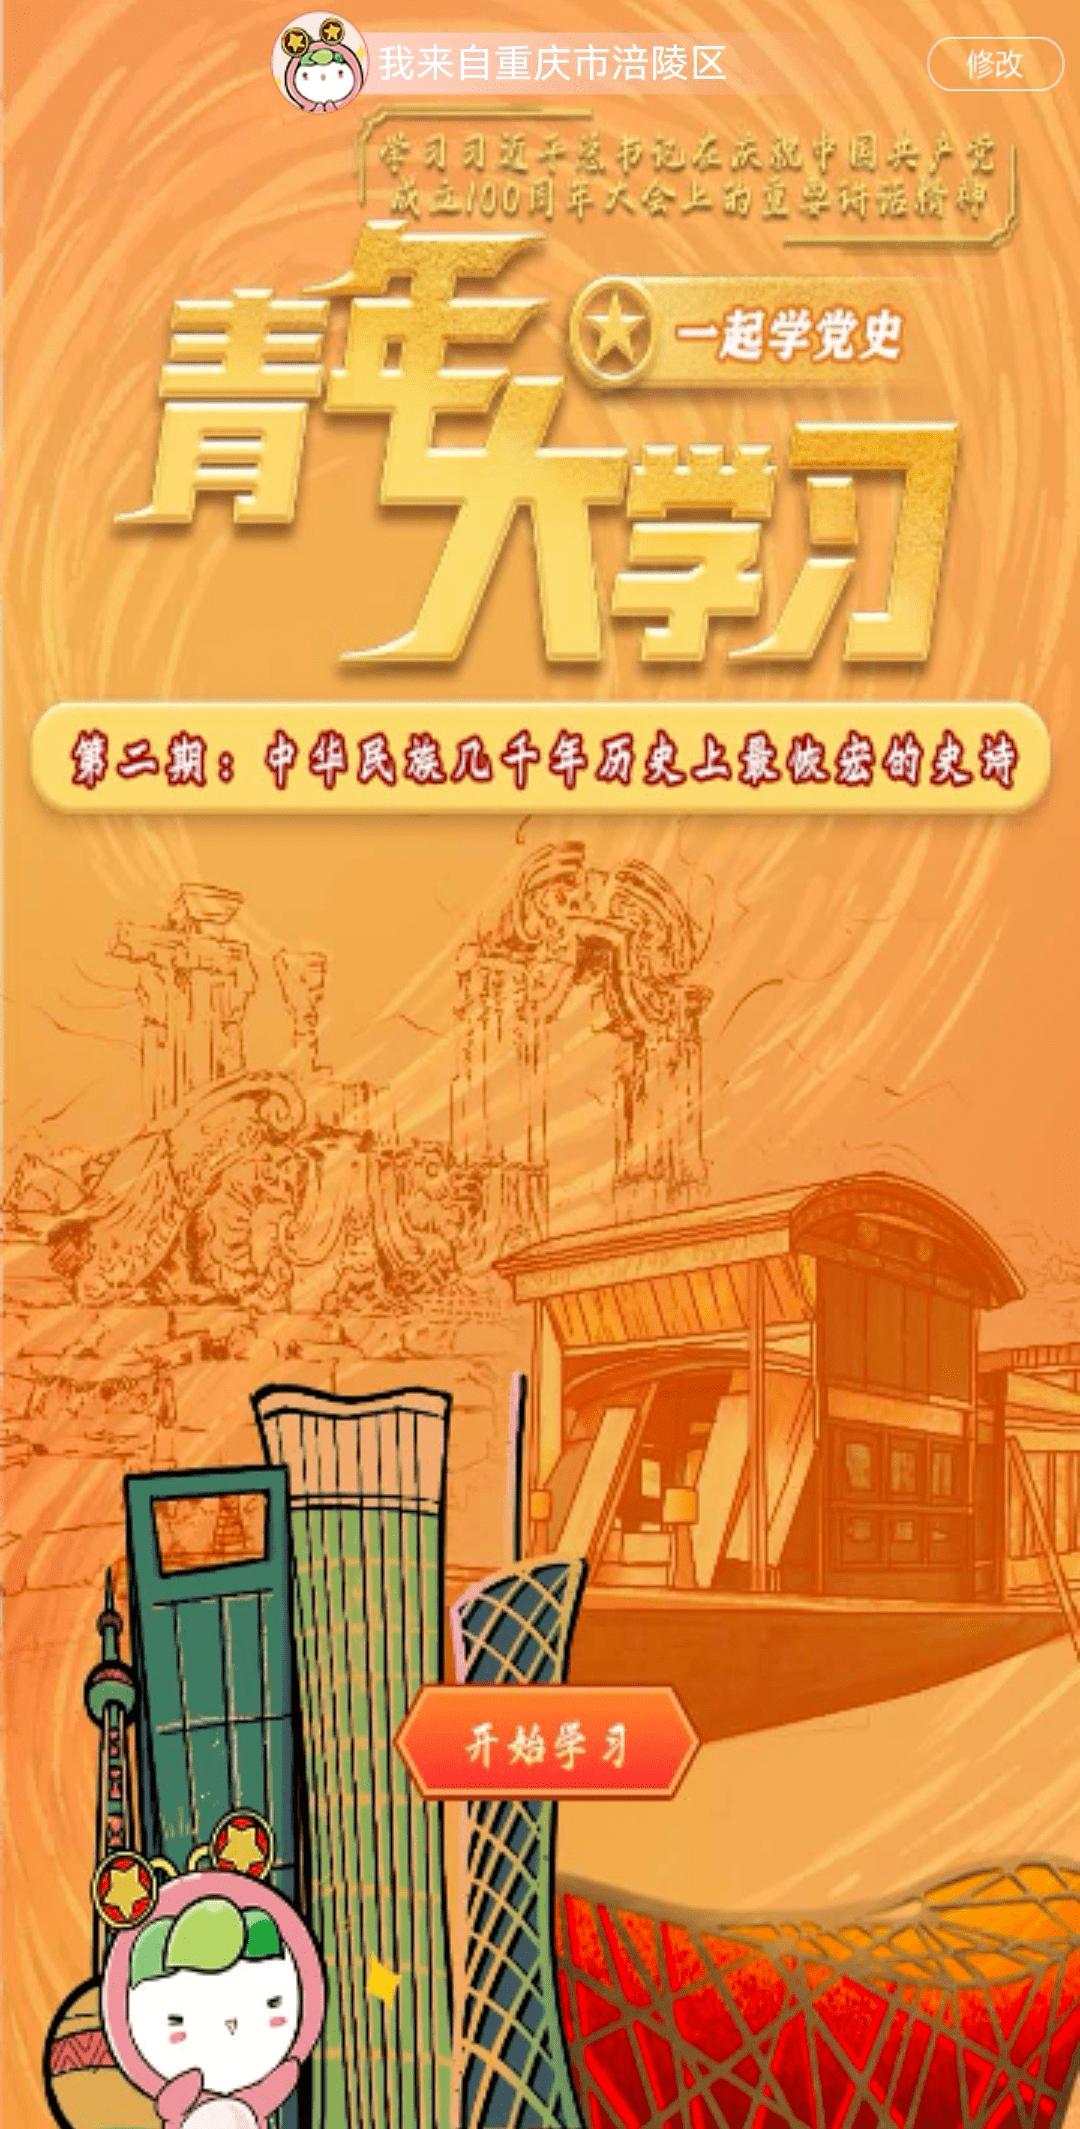 青年大学习:中华民族几千年历史上最恢宏的史诗(附上期中奖名单)